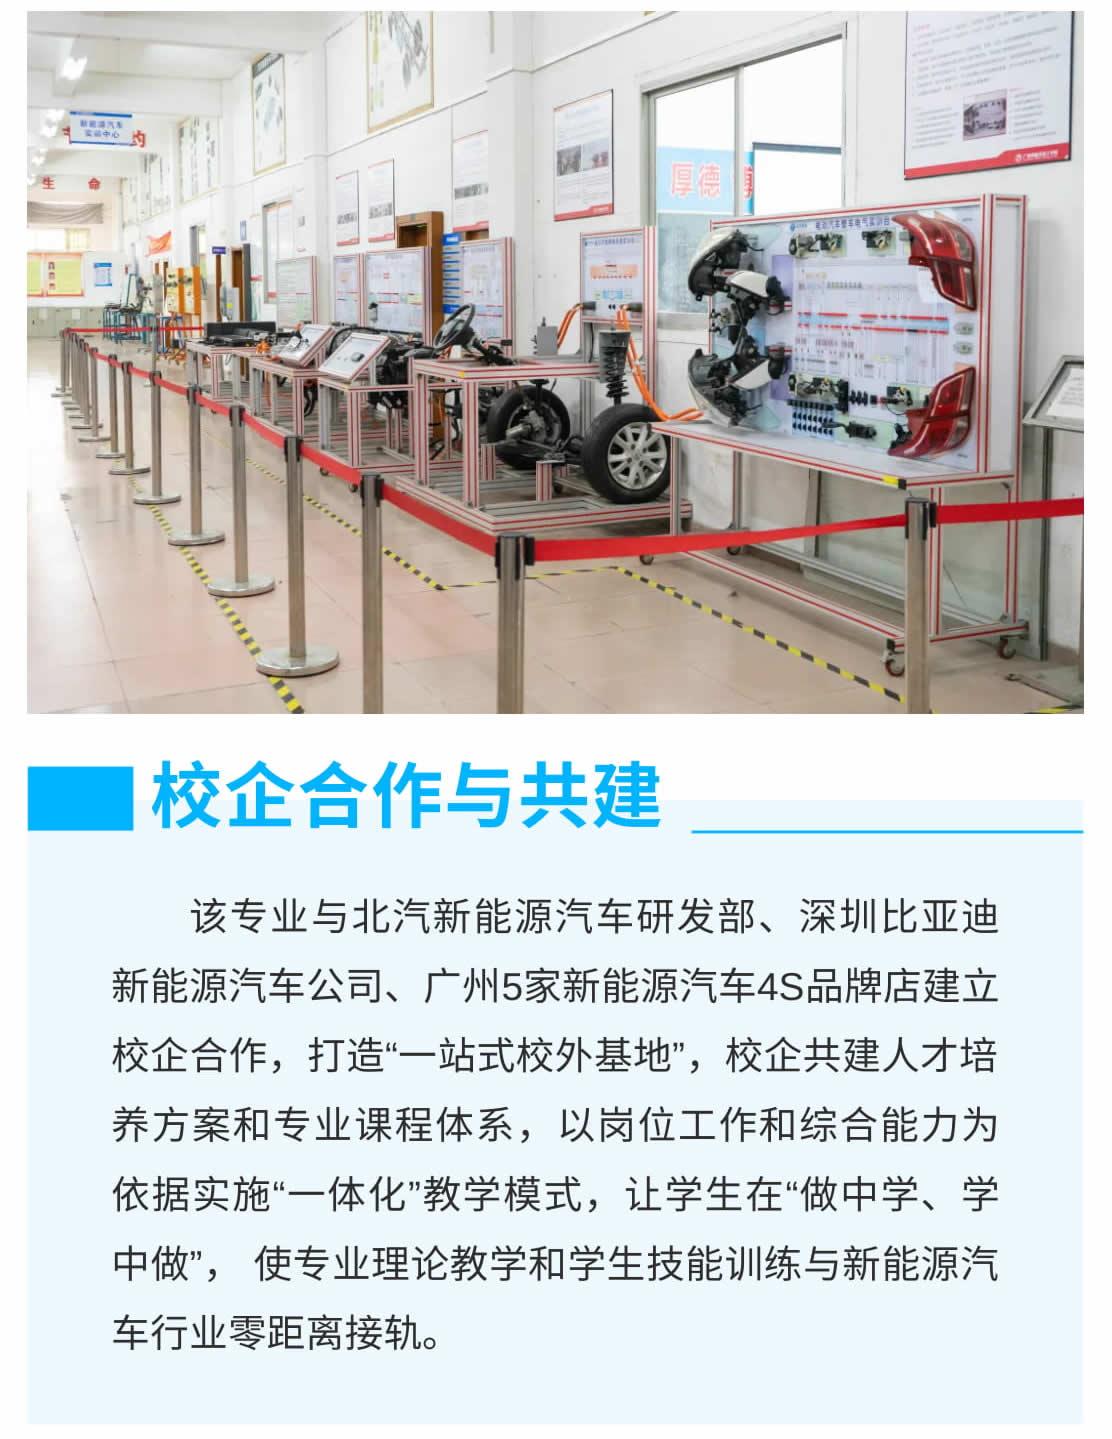 专业介绍 _ 新能源汽车检测与维修(初中起点五年制)-1_r8_c1.jpg